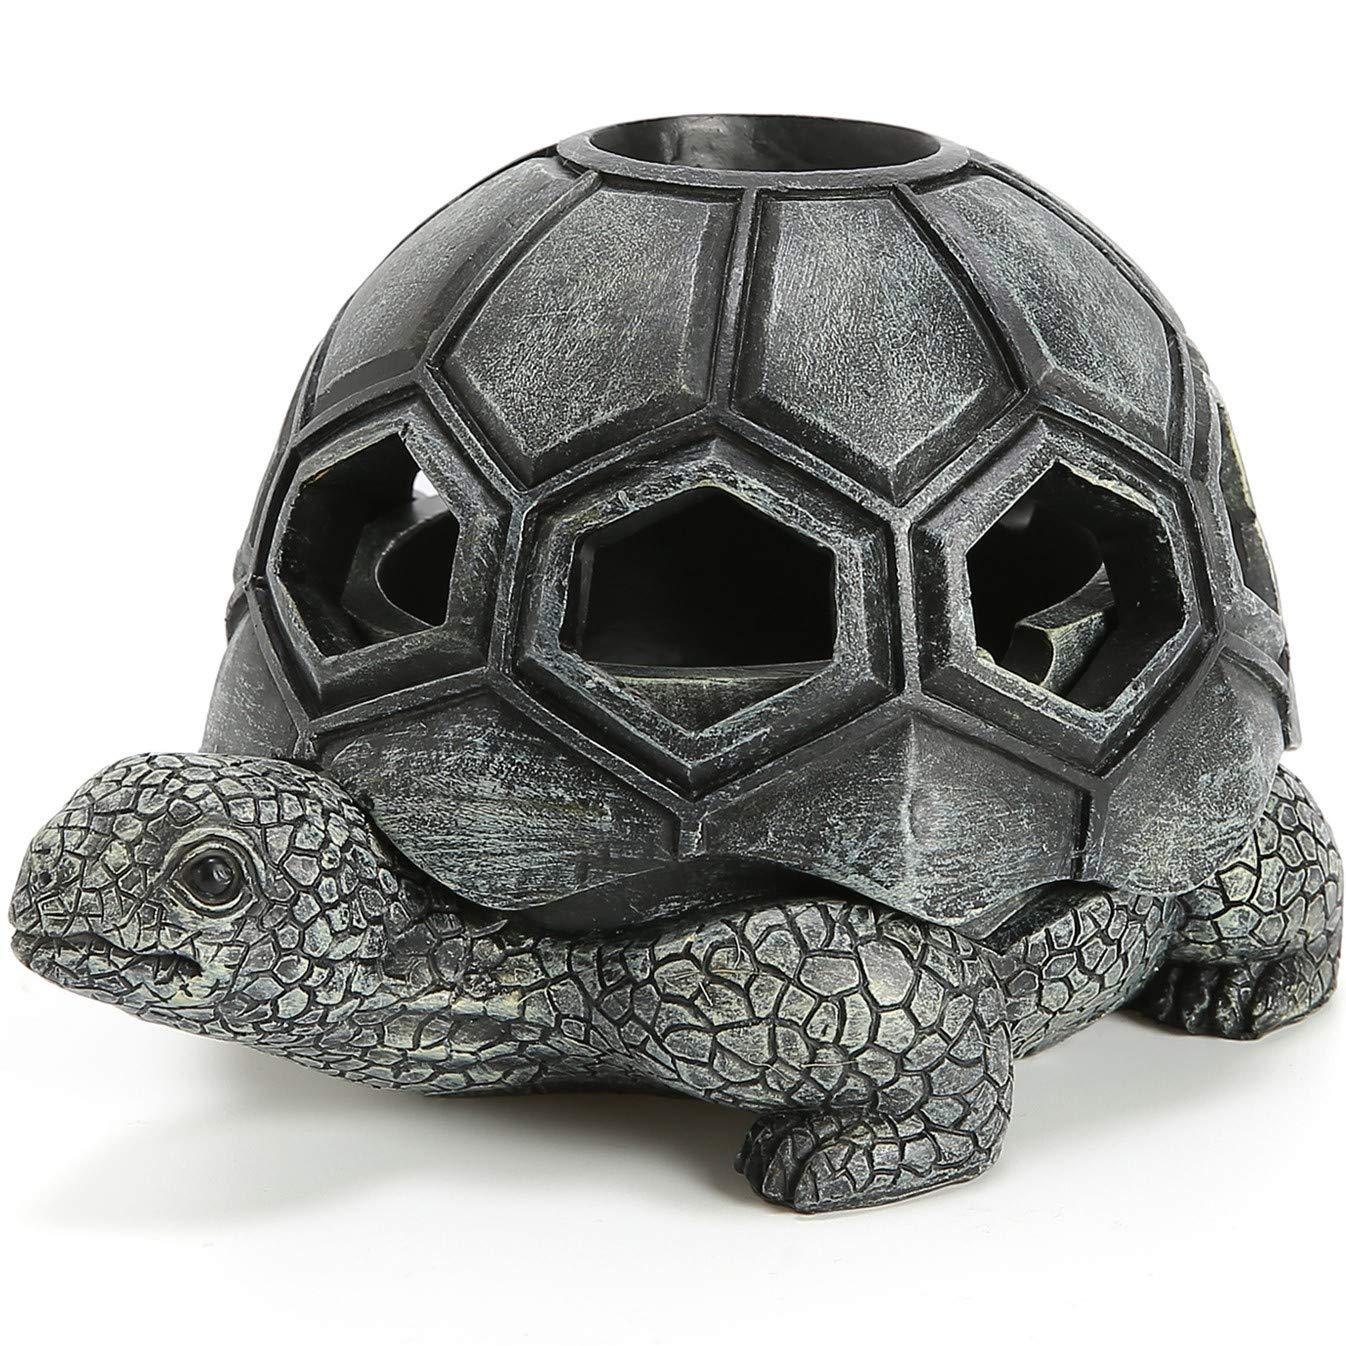 DS2 Premium Decorative Turtle Ashtray - Cigarette Cute Ash Tray by DS2